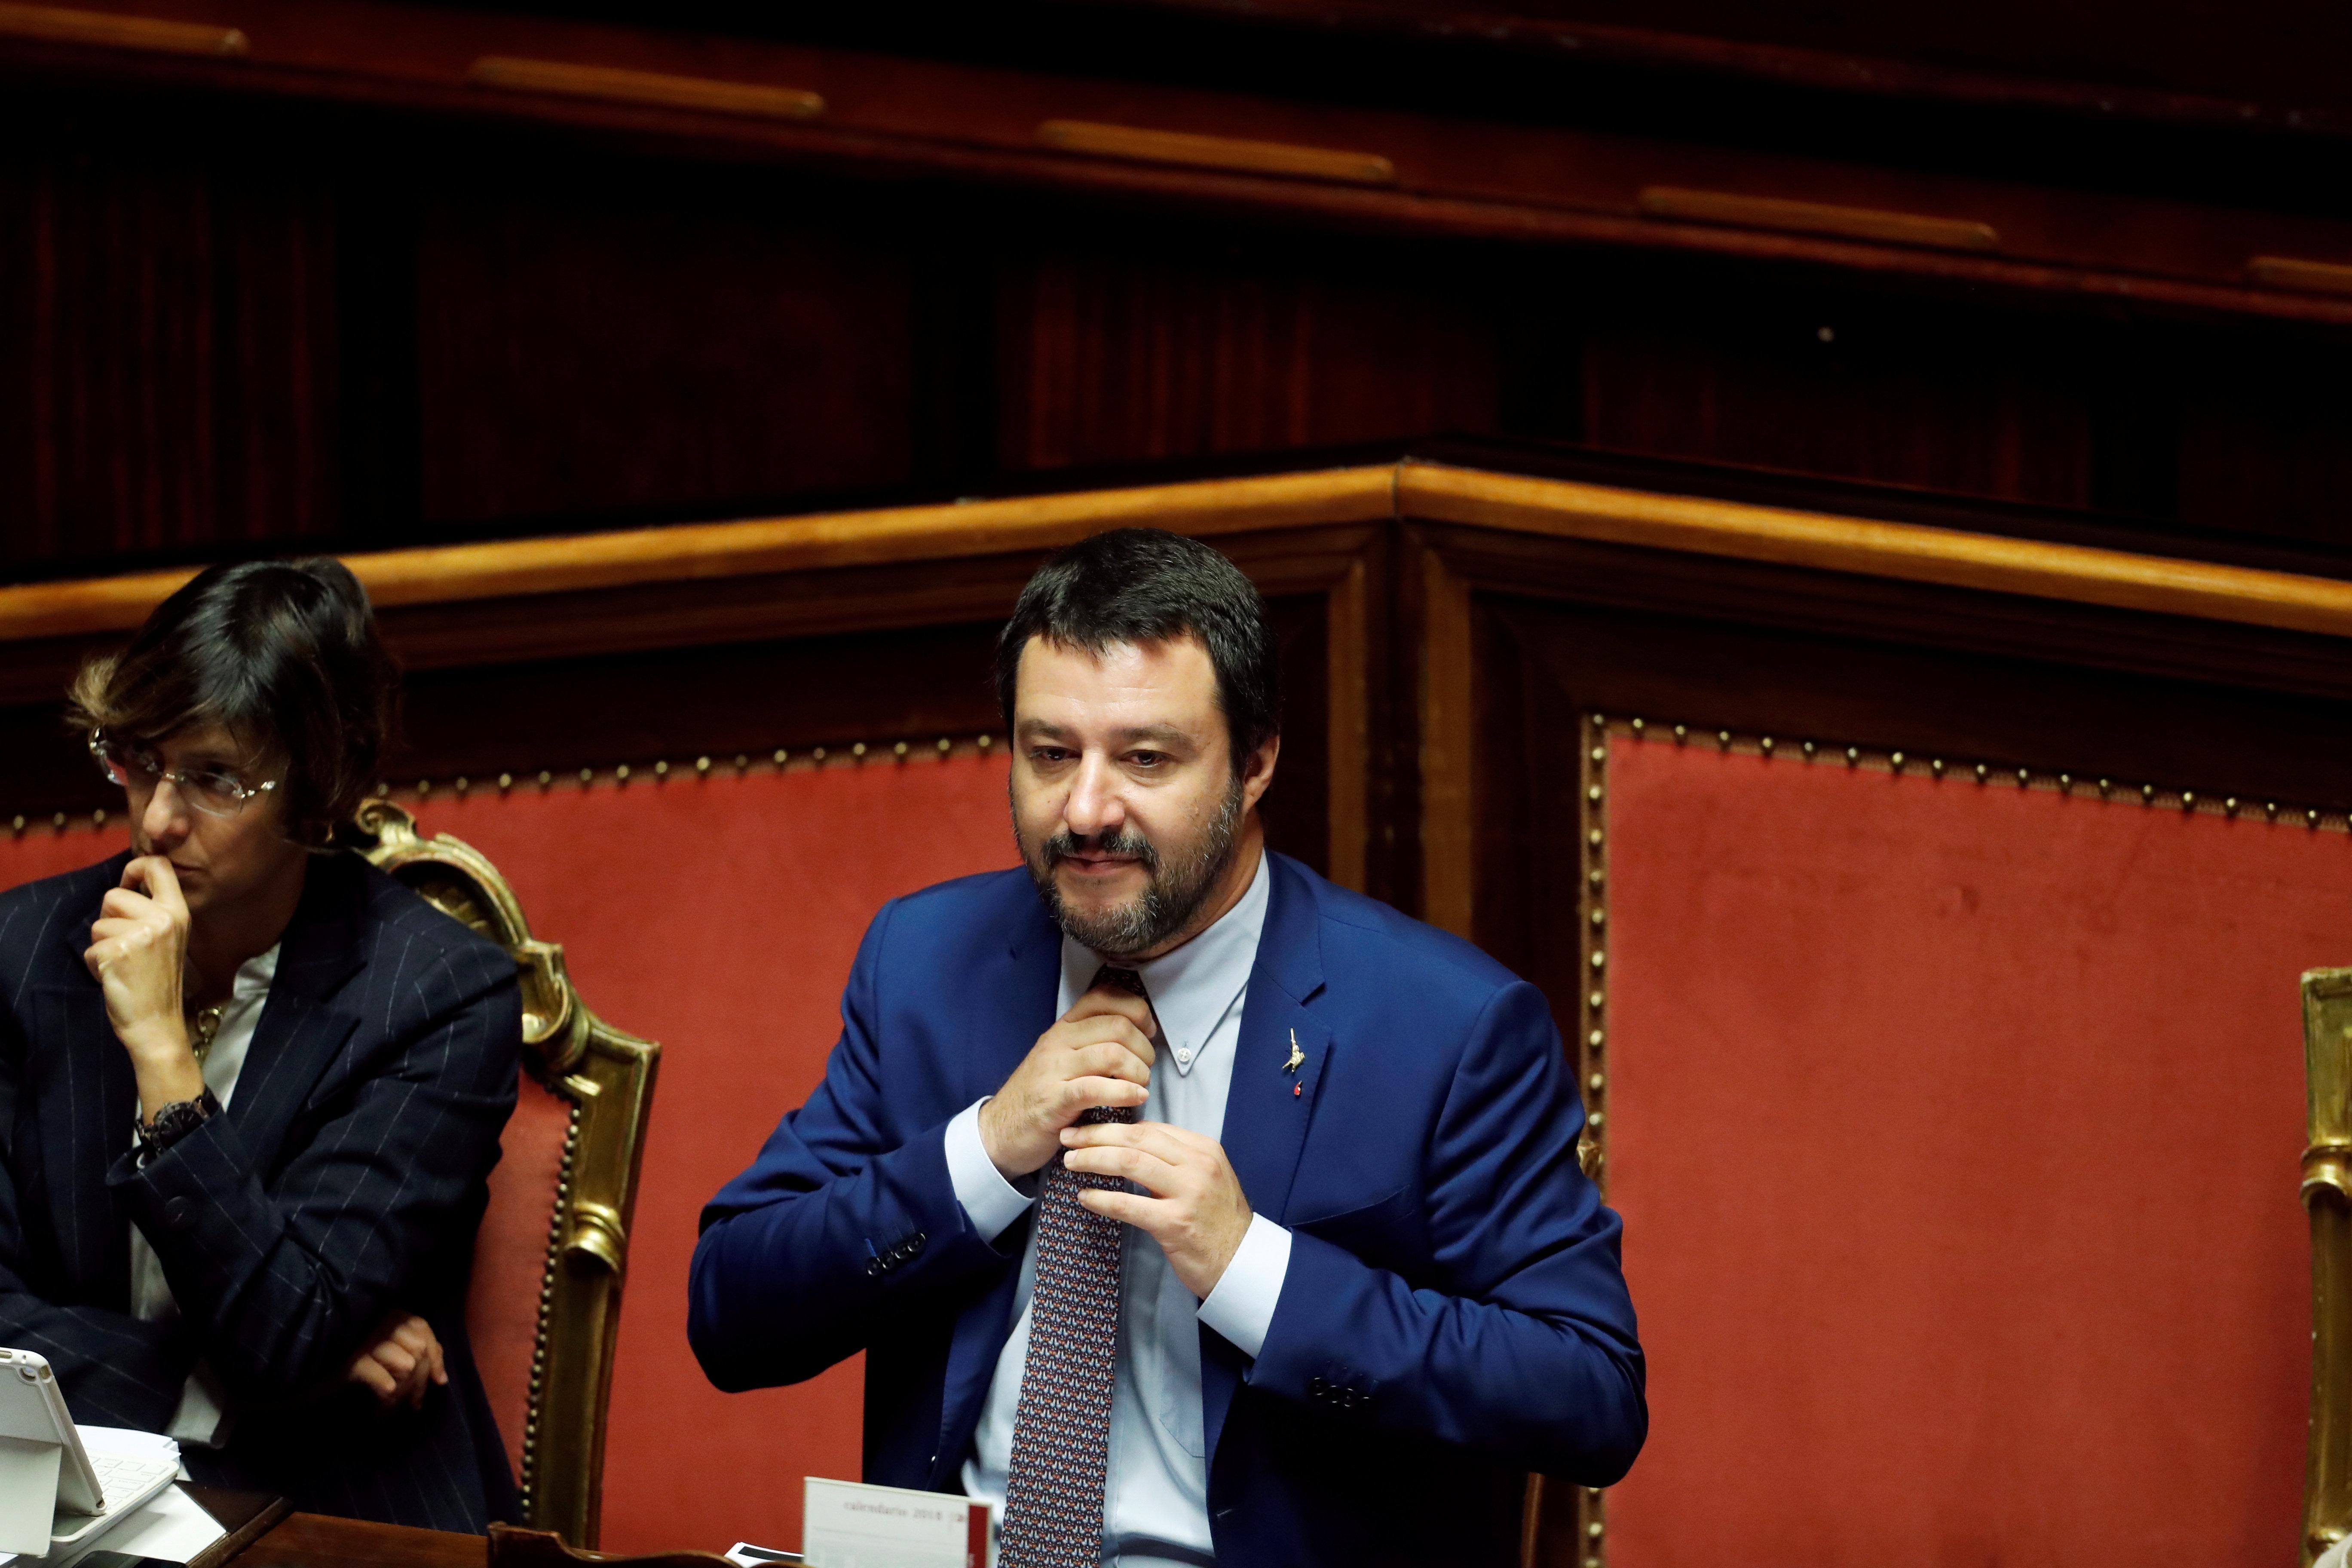 Ιταλία: Ο Σαλβίνι αποκάλυψε αστυνομική επιχείρηση και ο εισαγγελέας τον